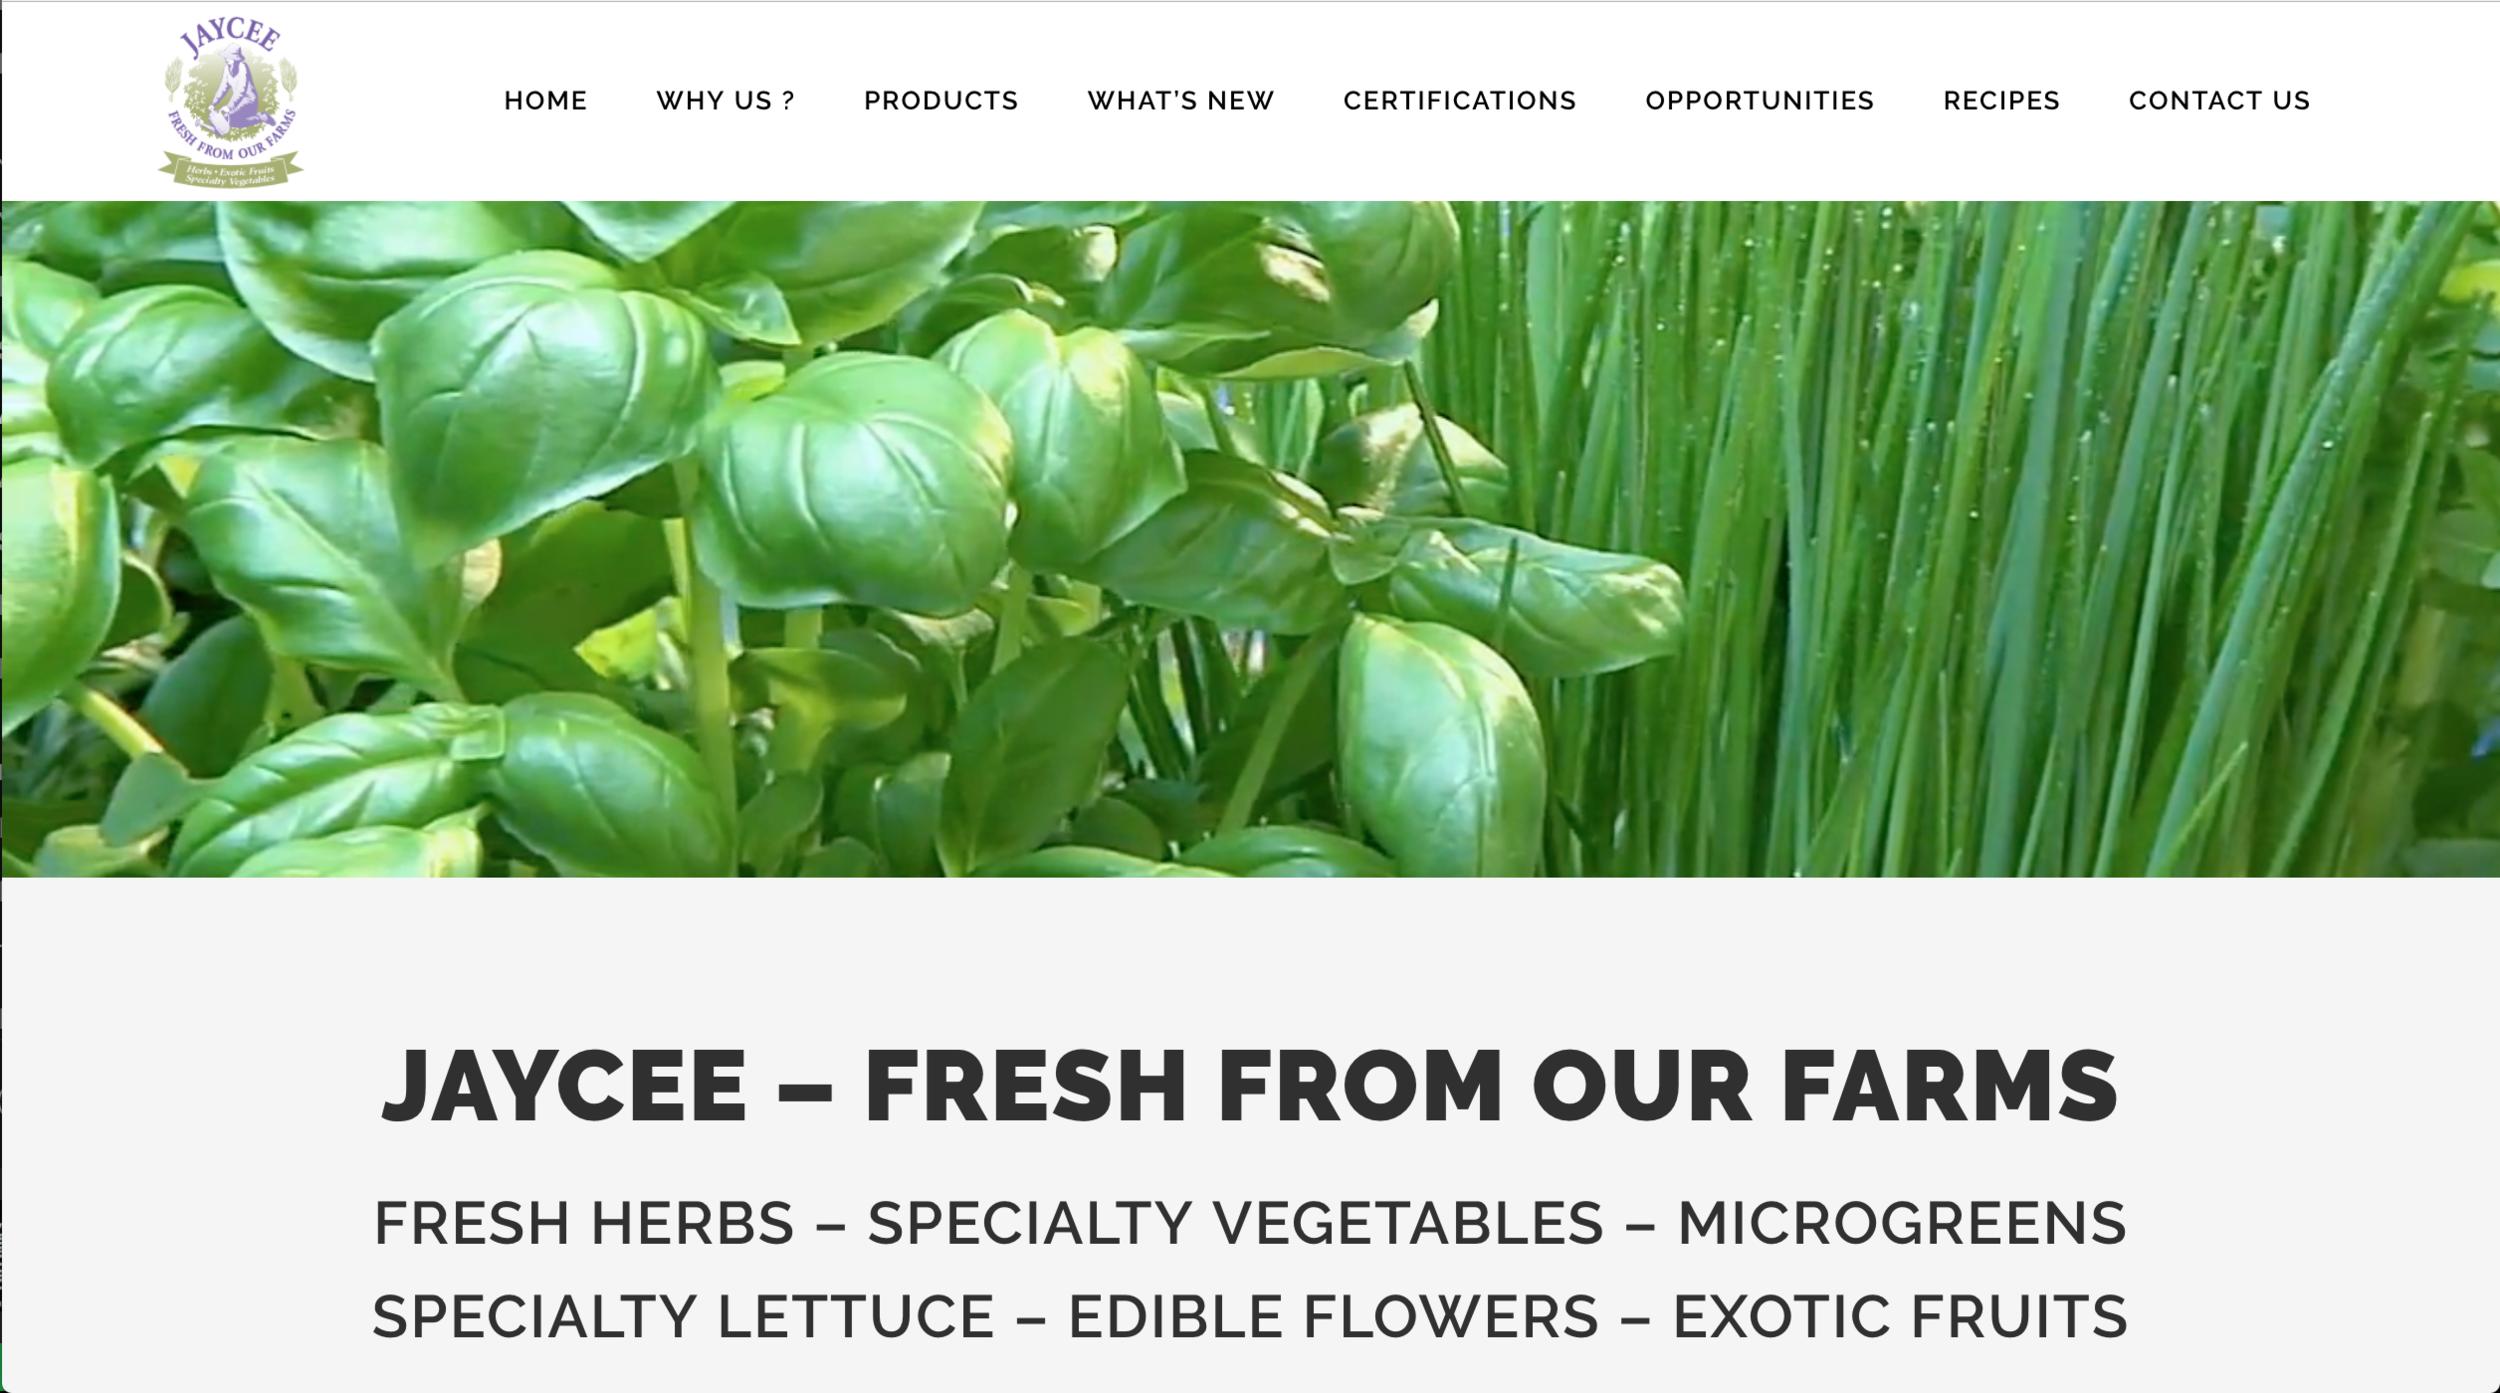 jaycee herbs